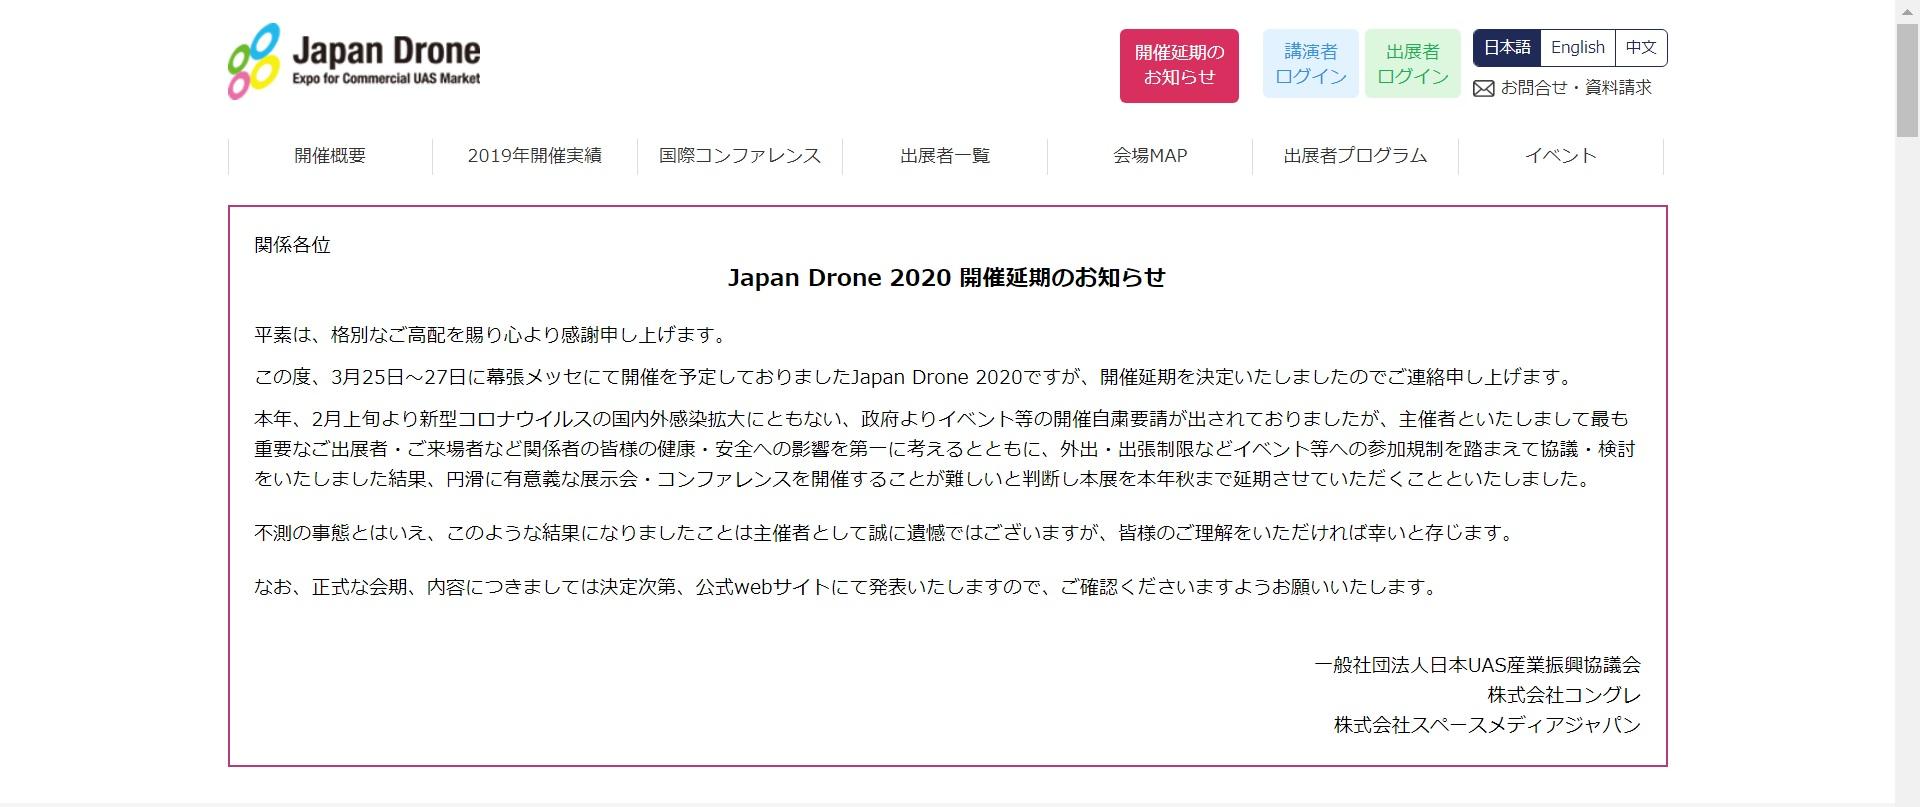 ジャパンドローン2020公式ページ画像